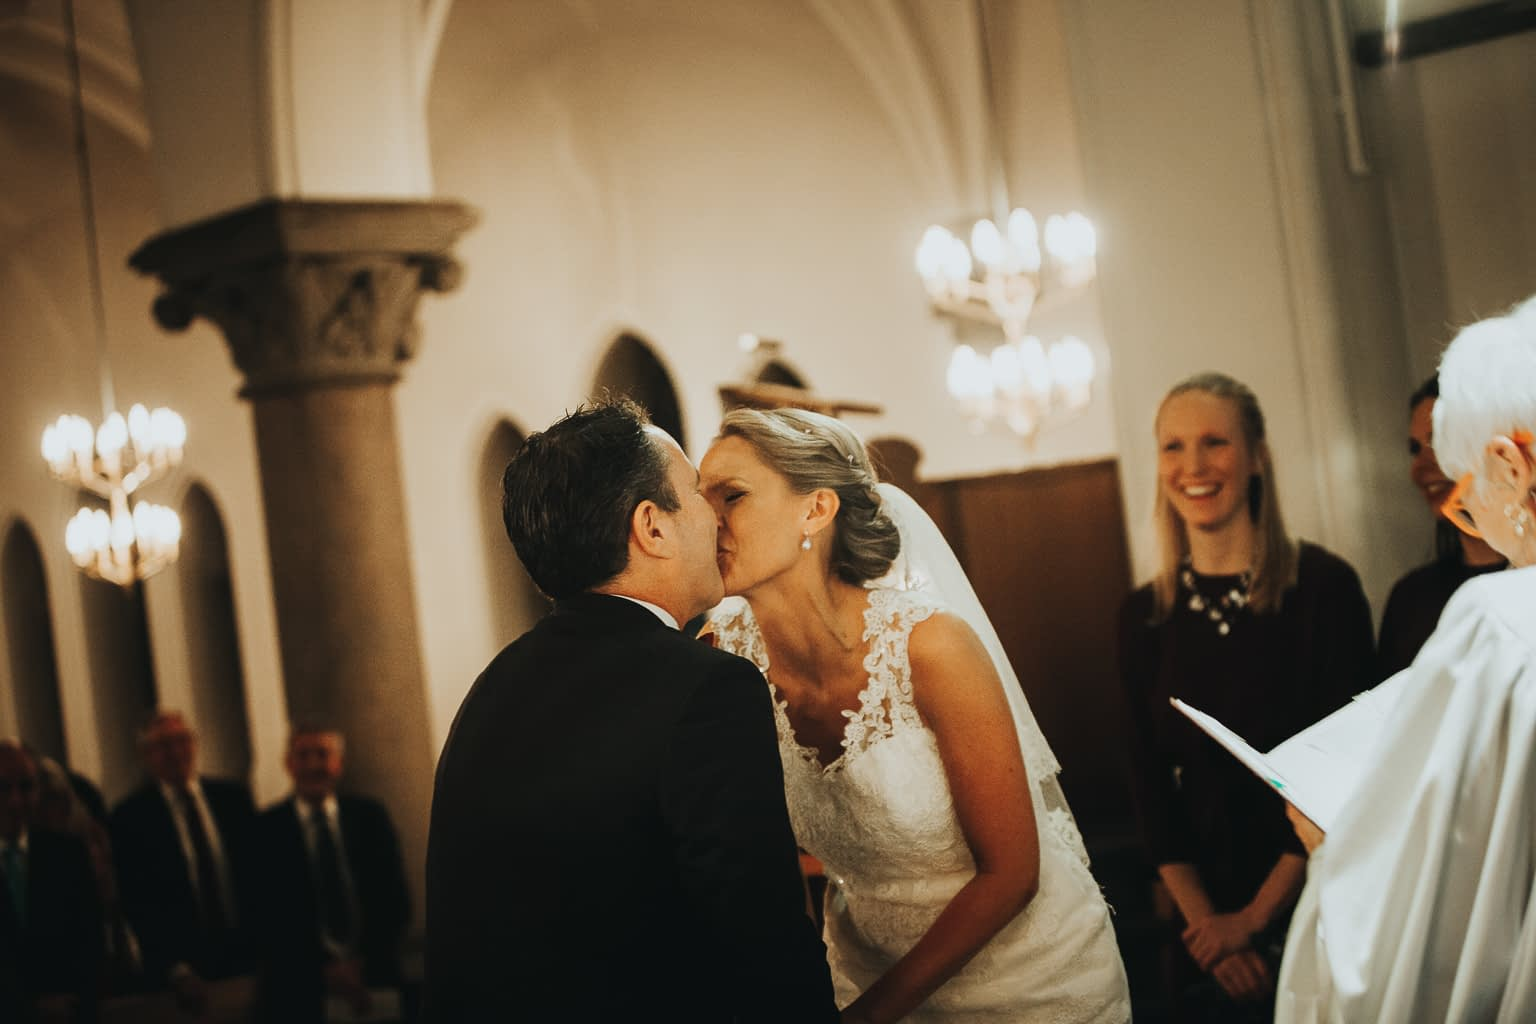 embrasse couple dans la cérémonie religieuse